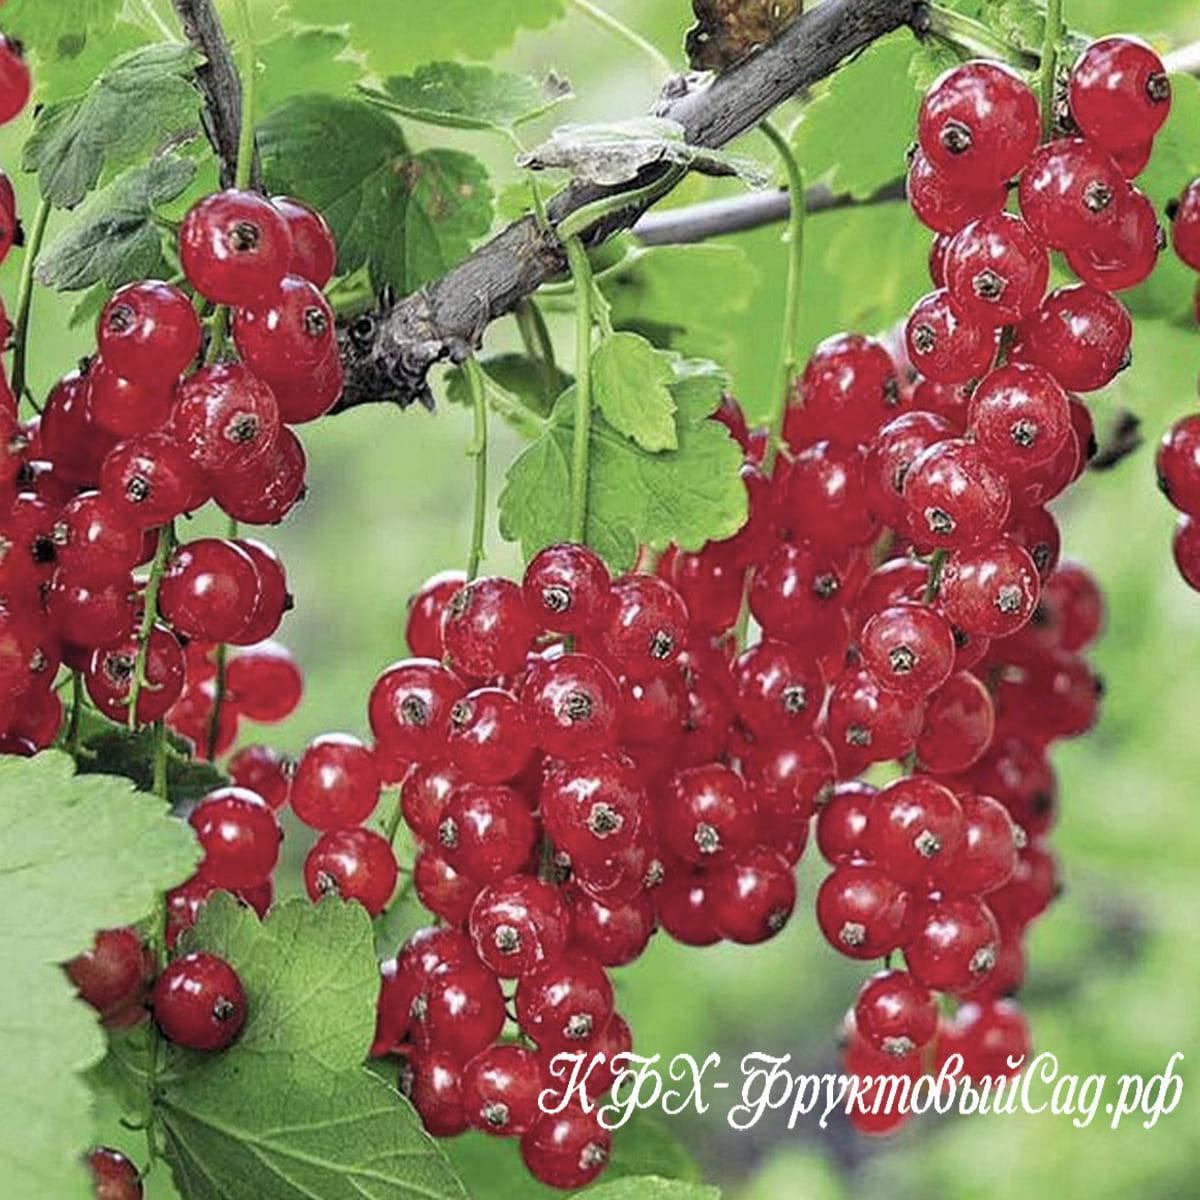 Смородина ненаглядная: описание сорта красной смородины, выращивание - посадка и уход